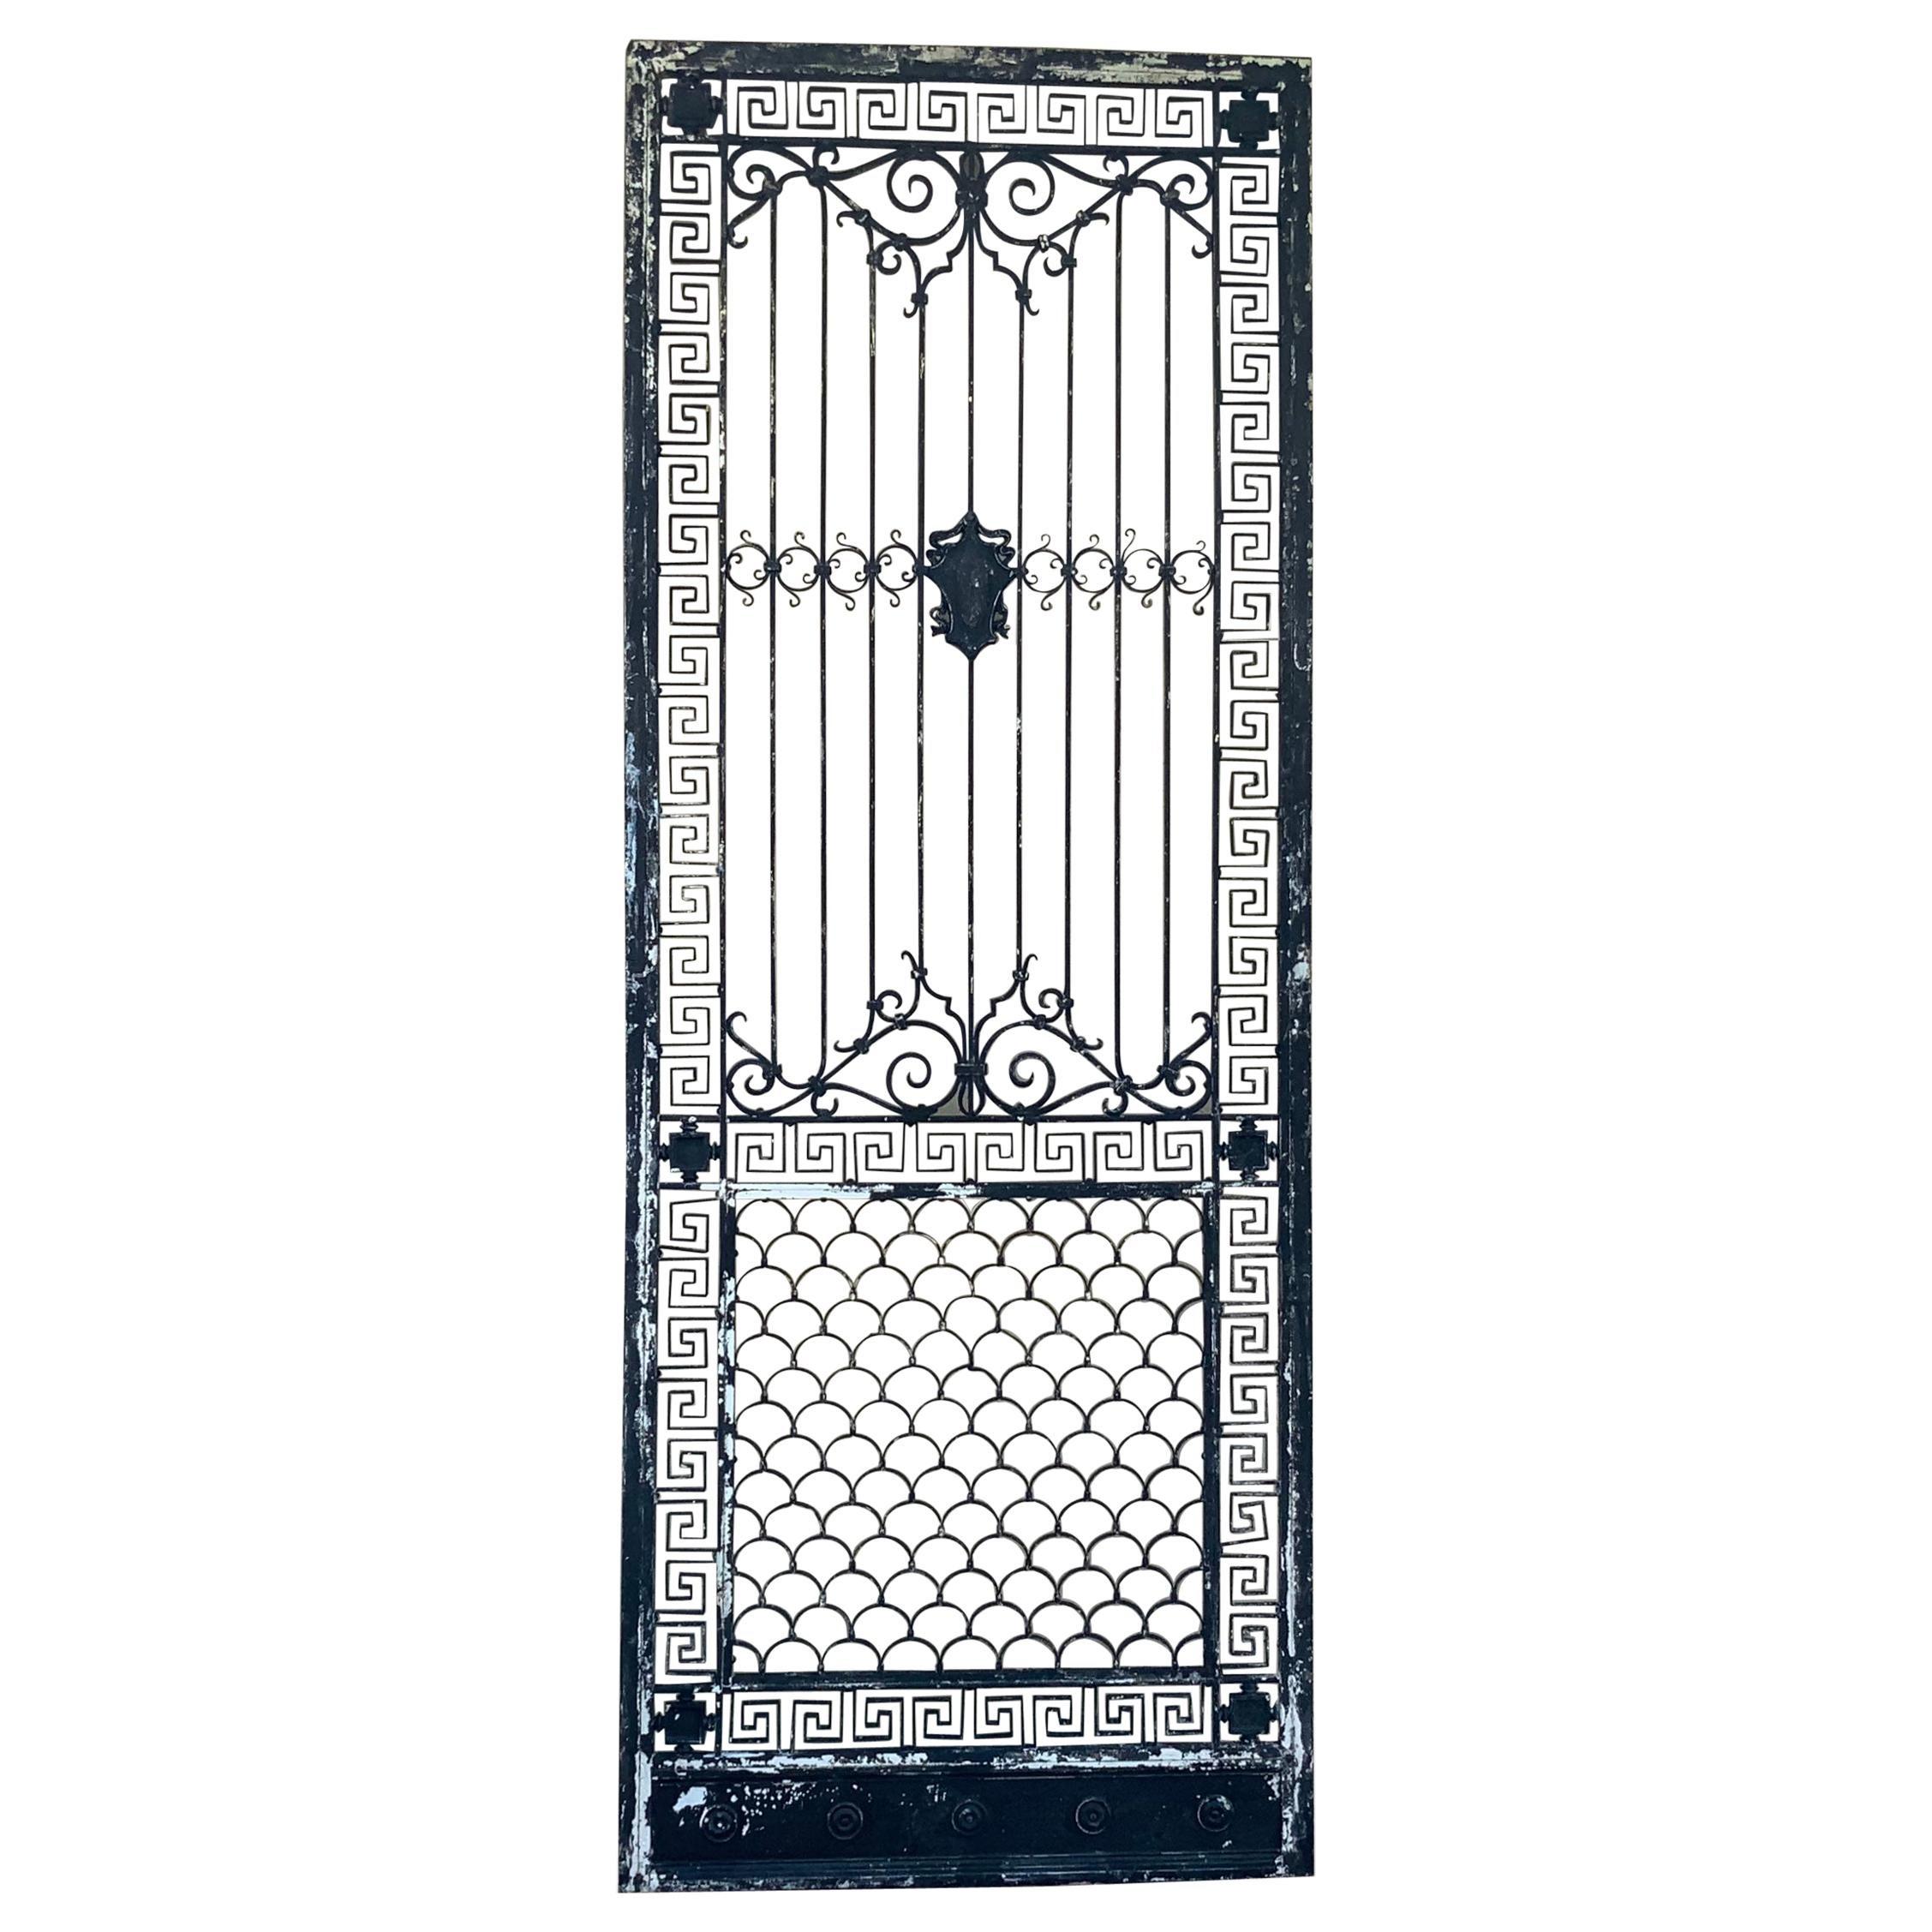 1930s Wrought Iron Gate or Door